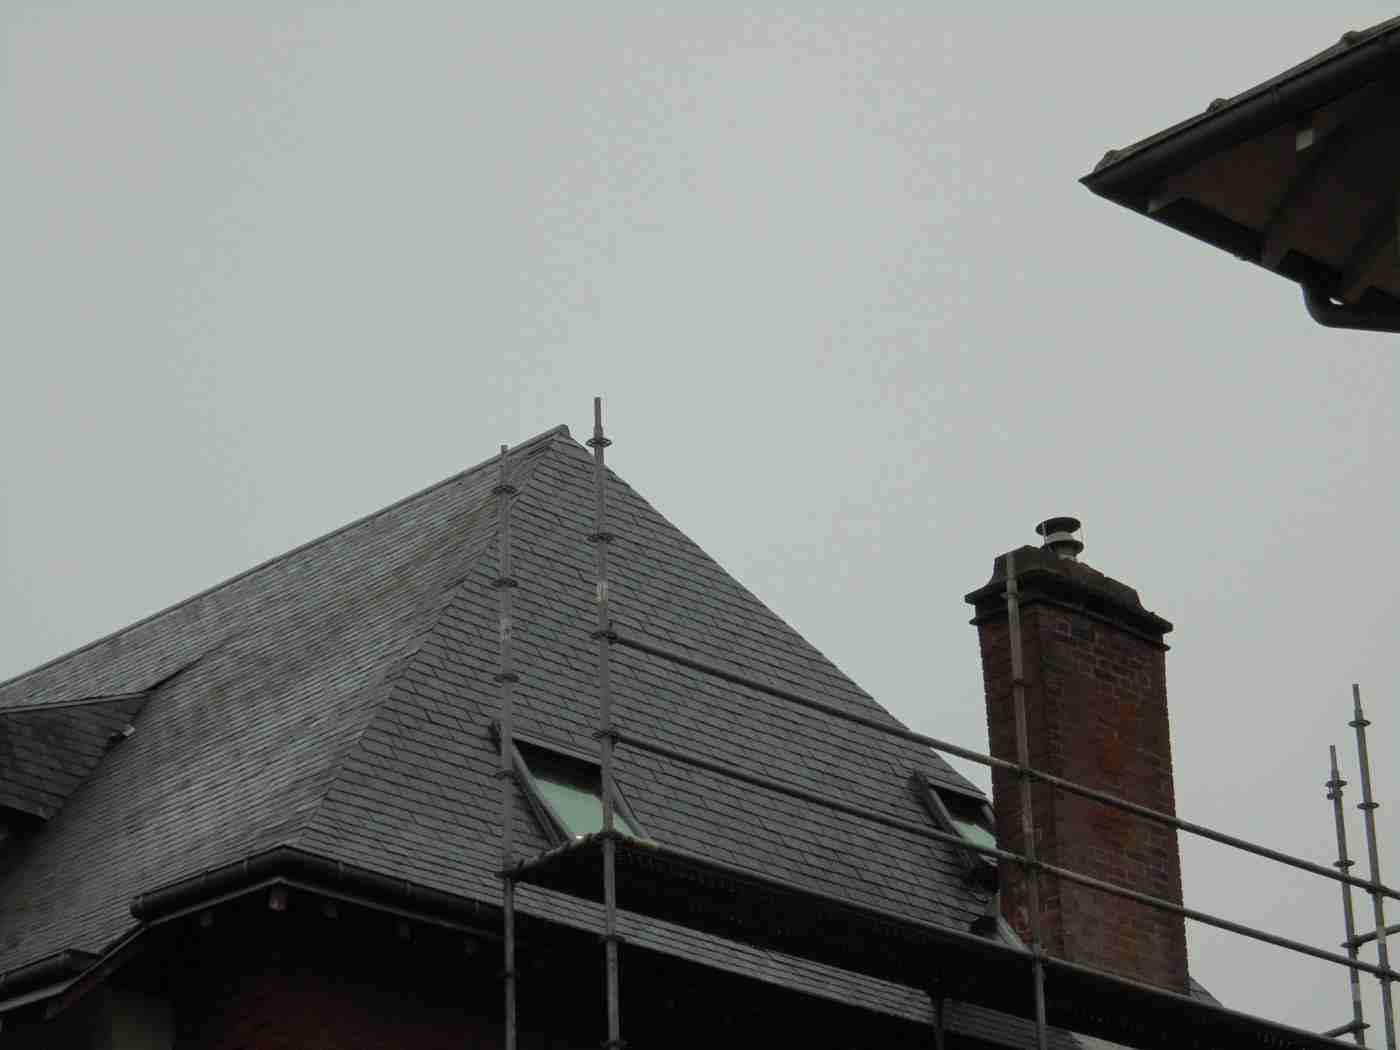 Rénovation d'une toiture en ardoise à Antony gallery